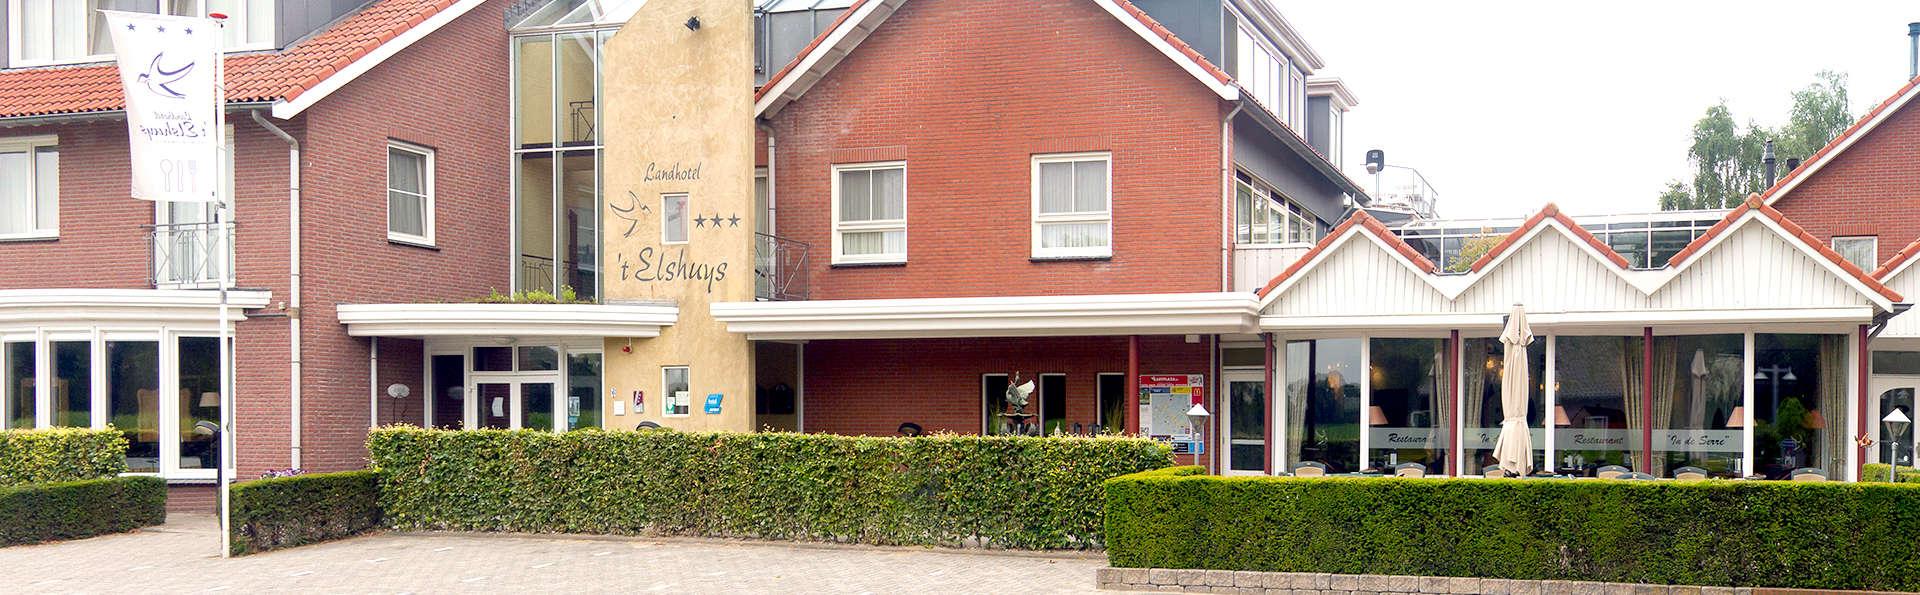 Landhotel 't Elshuys - Edit_front.jpg